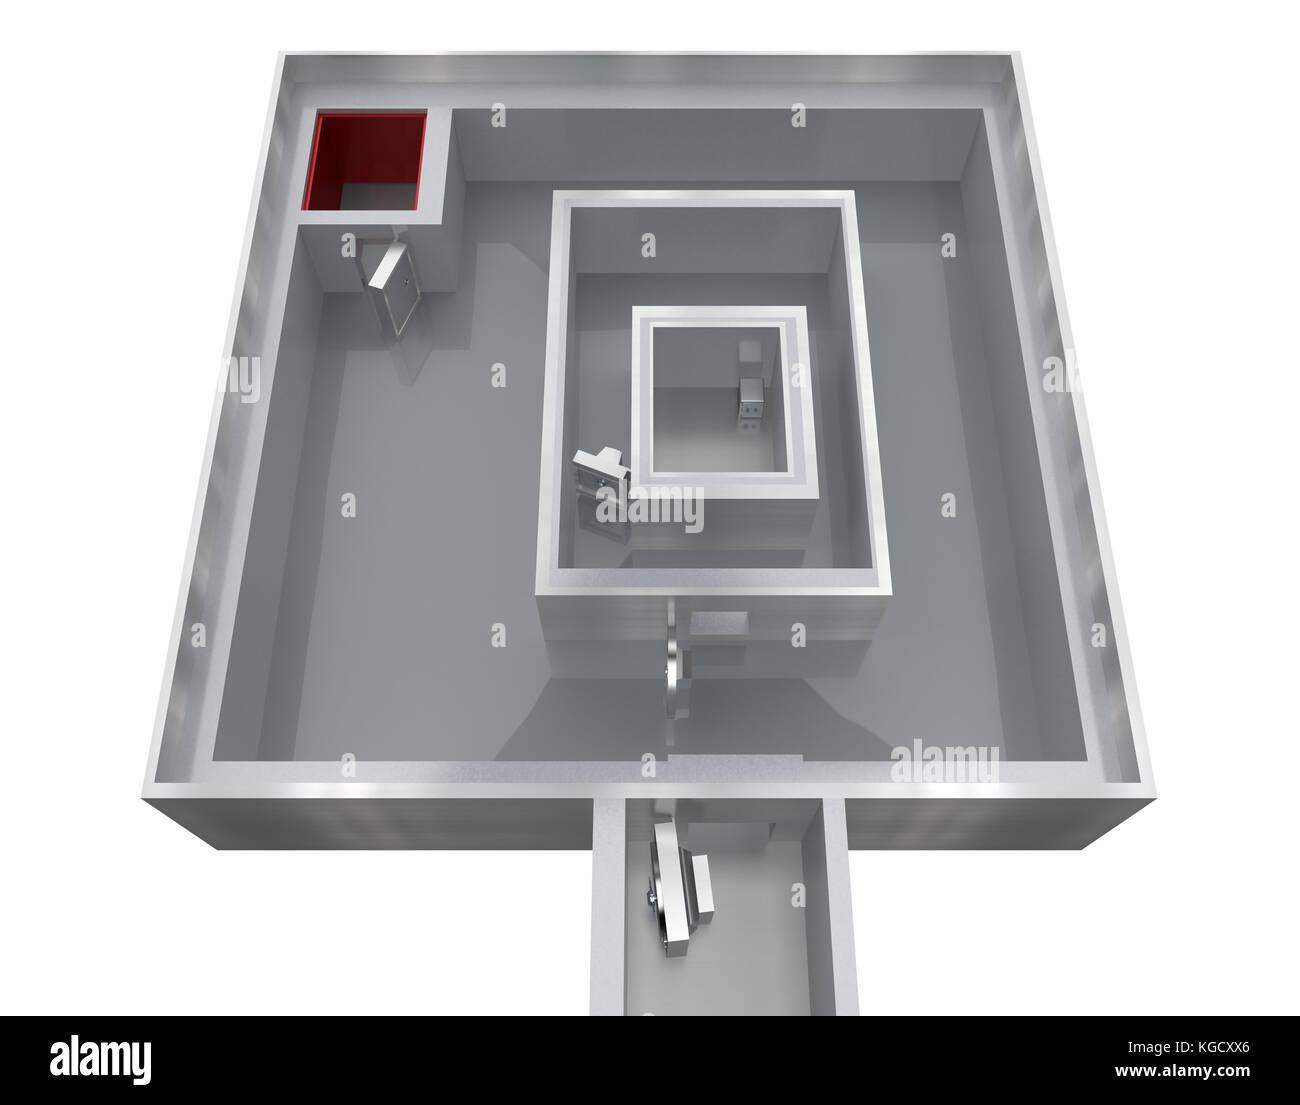 empty storage room bank top view 3d rendering - Stock Image